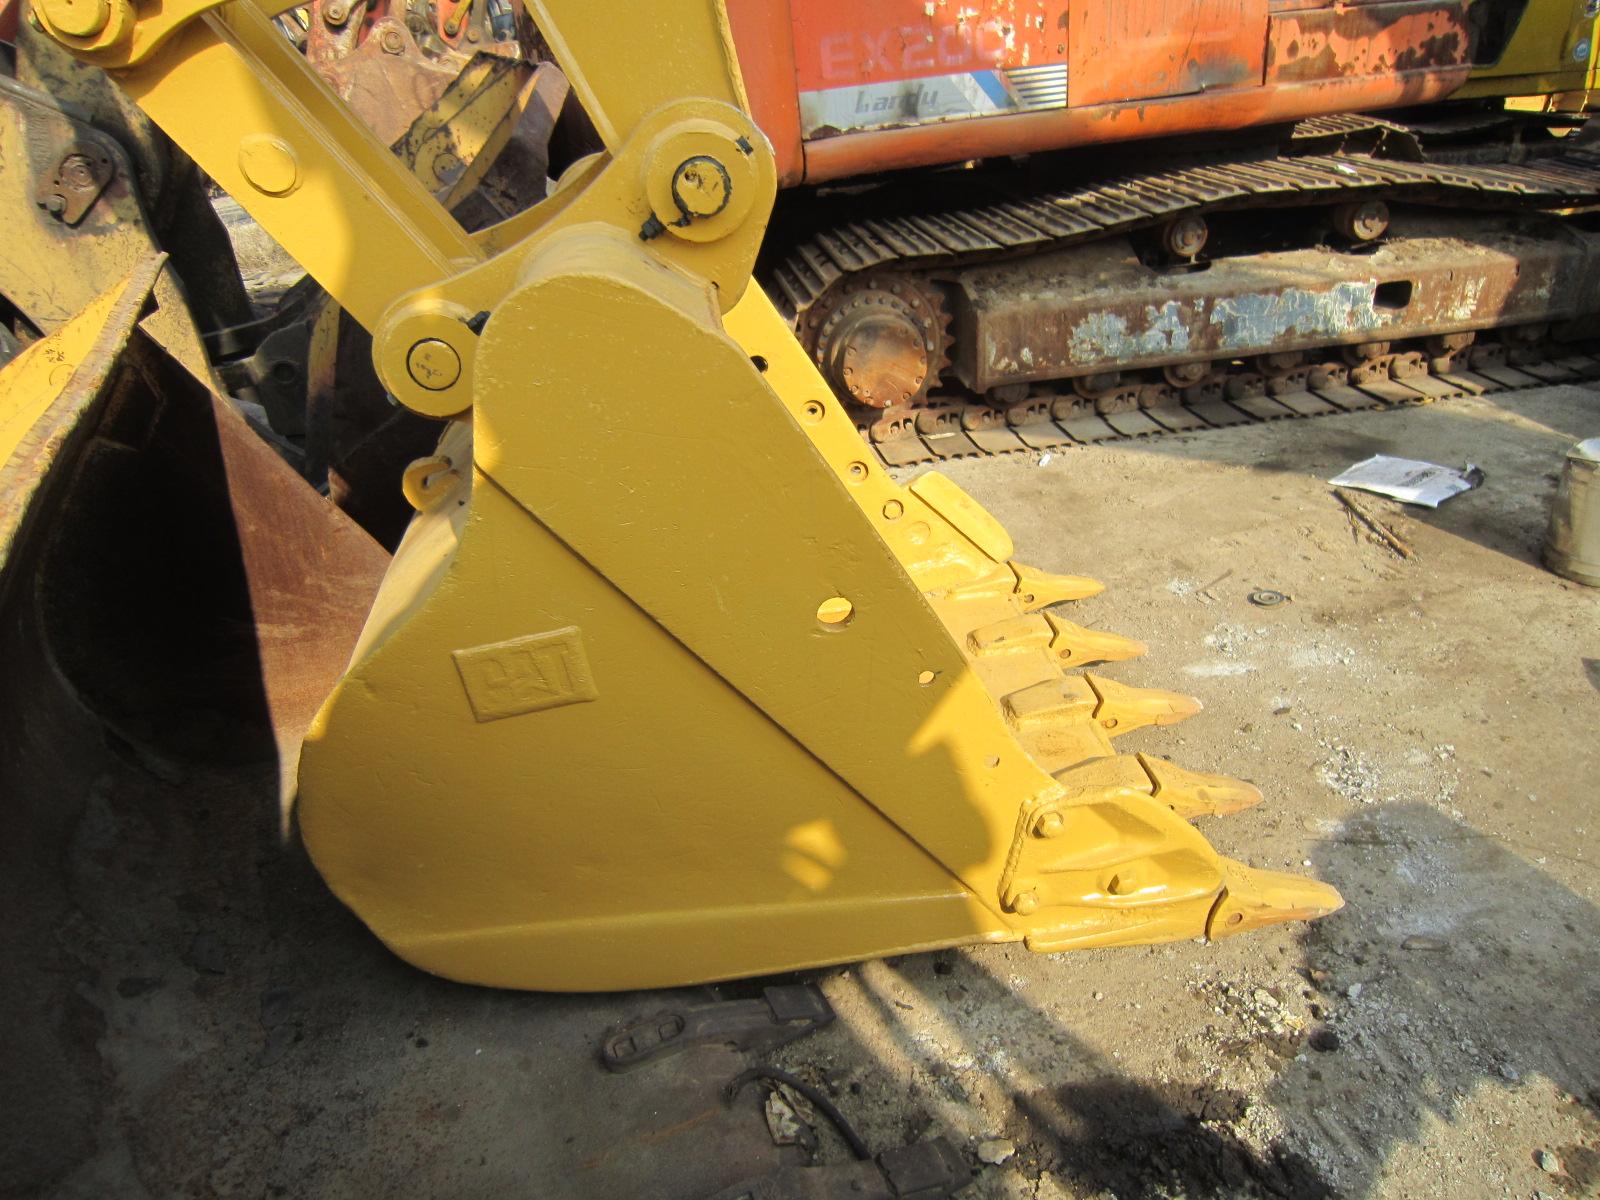 USED construction Caterpillar earth moving excavator machine CAT 330C used excavator